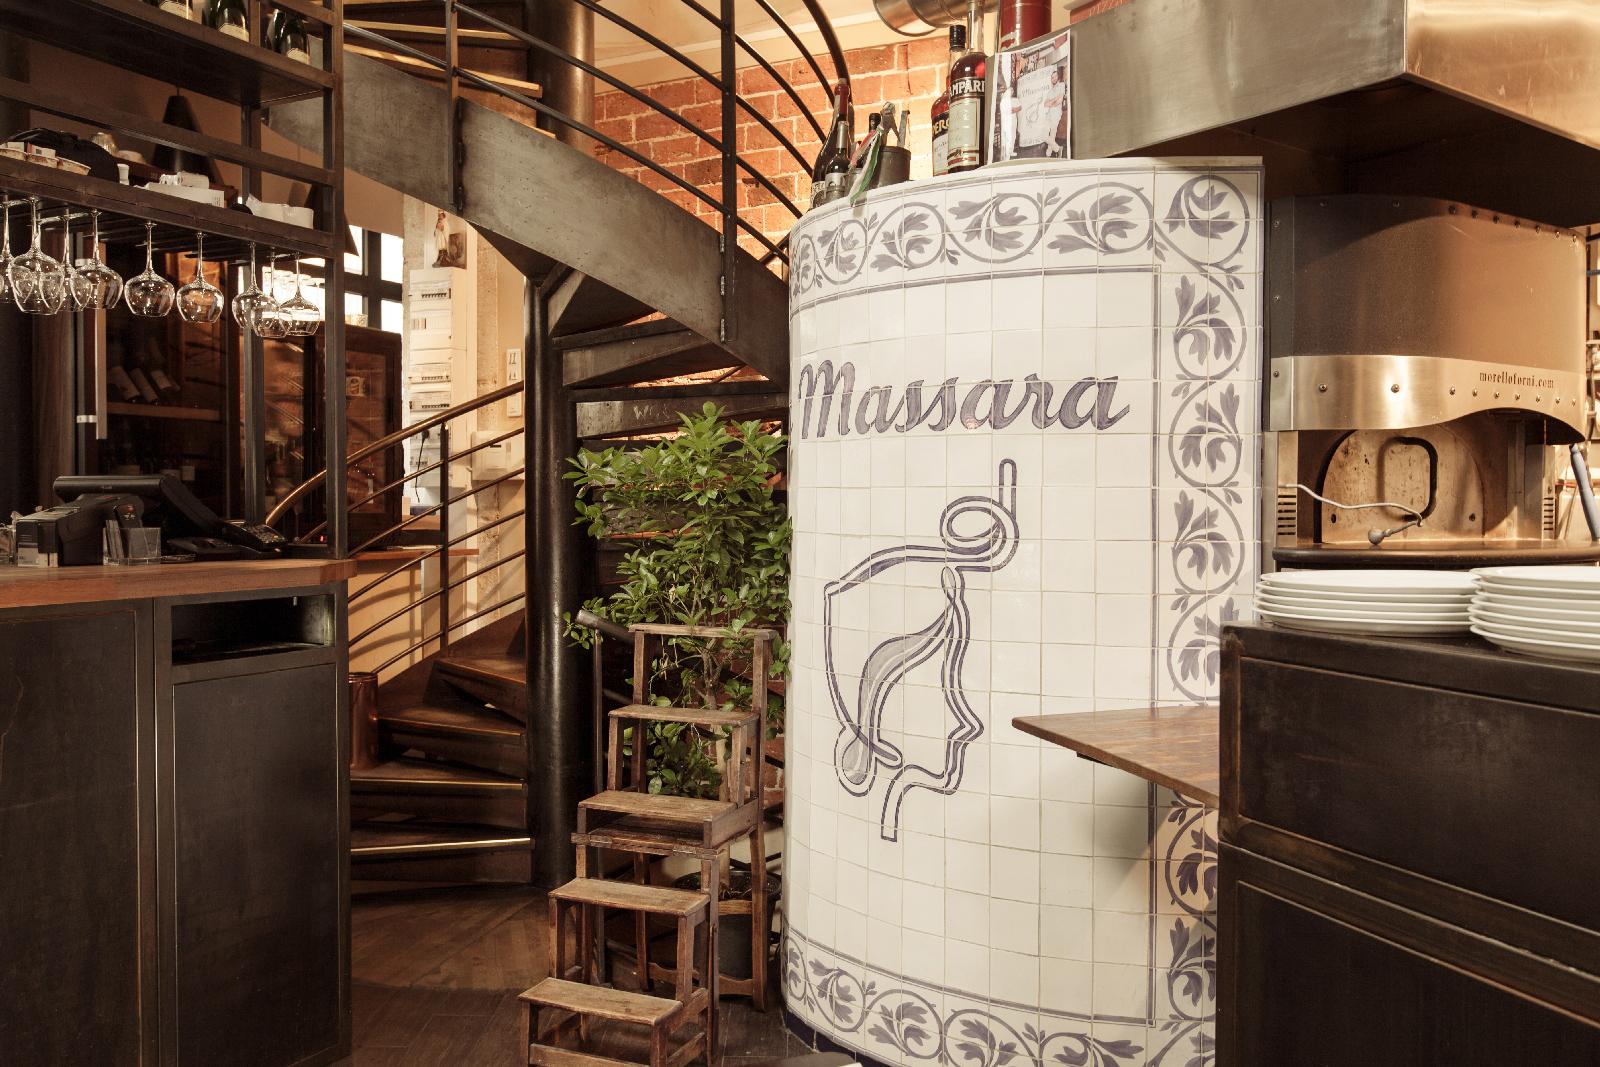 massara_34.jpg